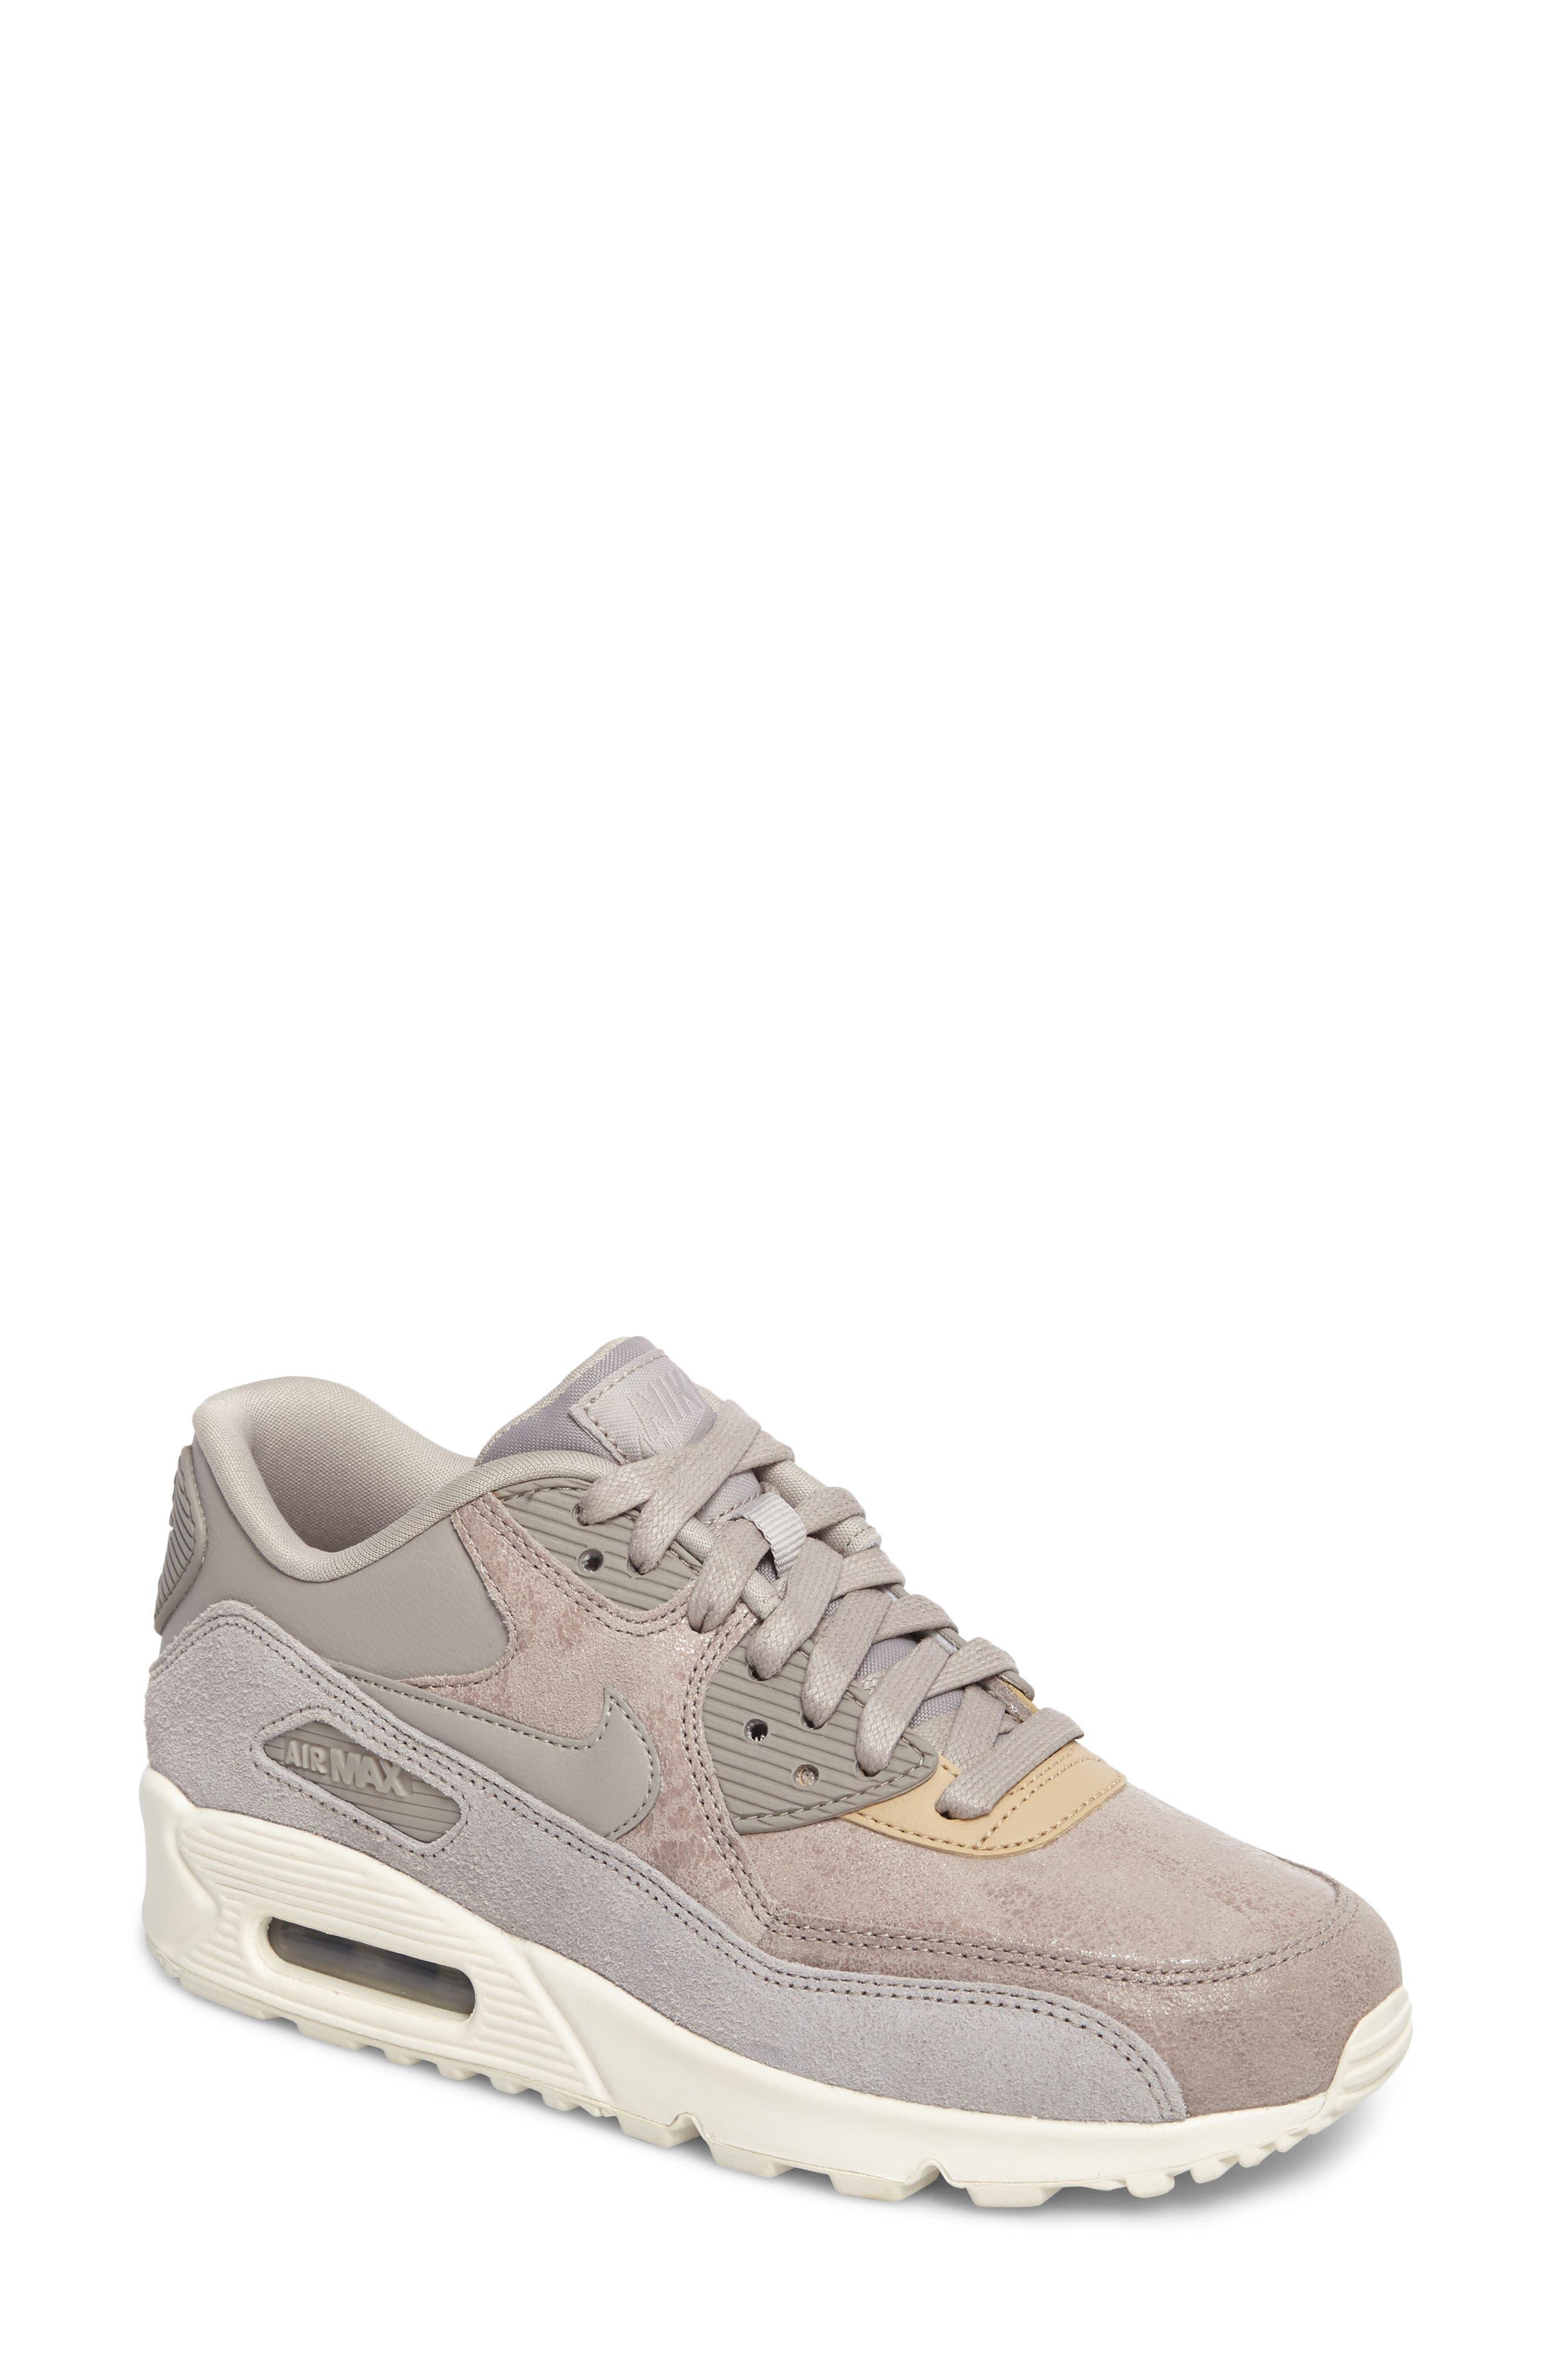 Air Max 90 Premium Sneaker,                             Main thumbnail 1, color,                             020